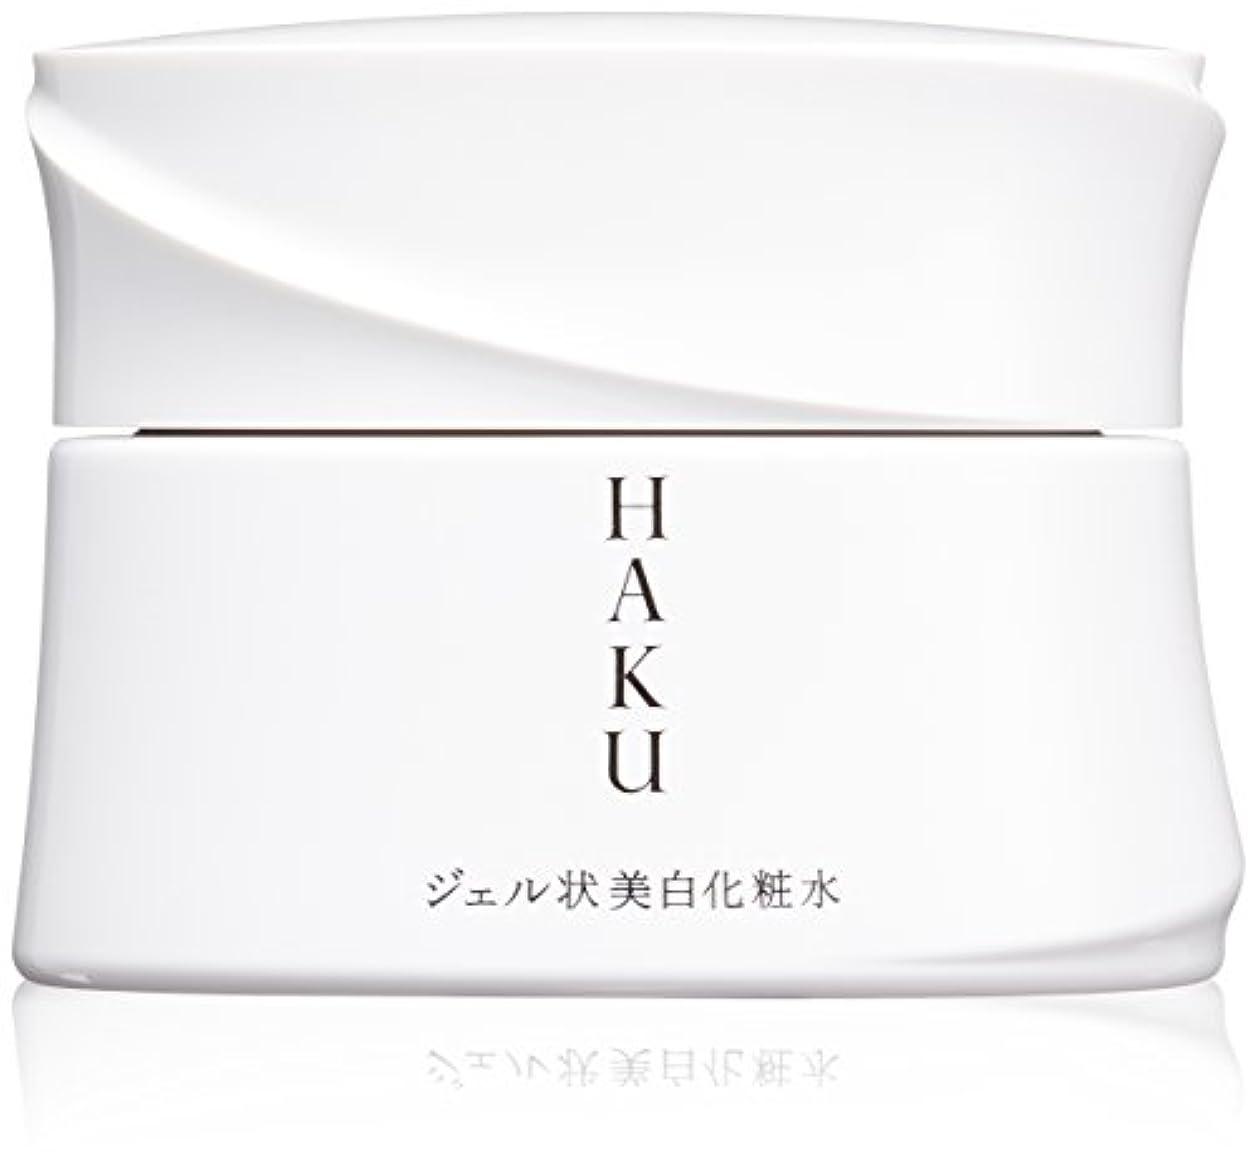 会計士骨折放送HAKU メラノディープモイスチャー 美白化粧水 100g 【医薬部外品】